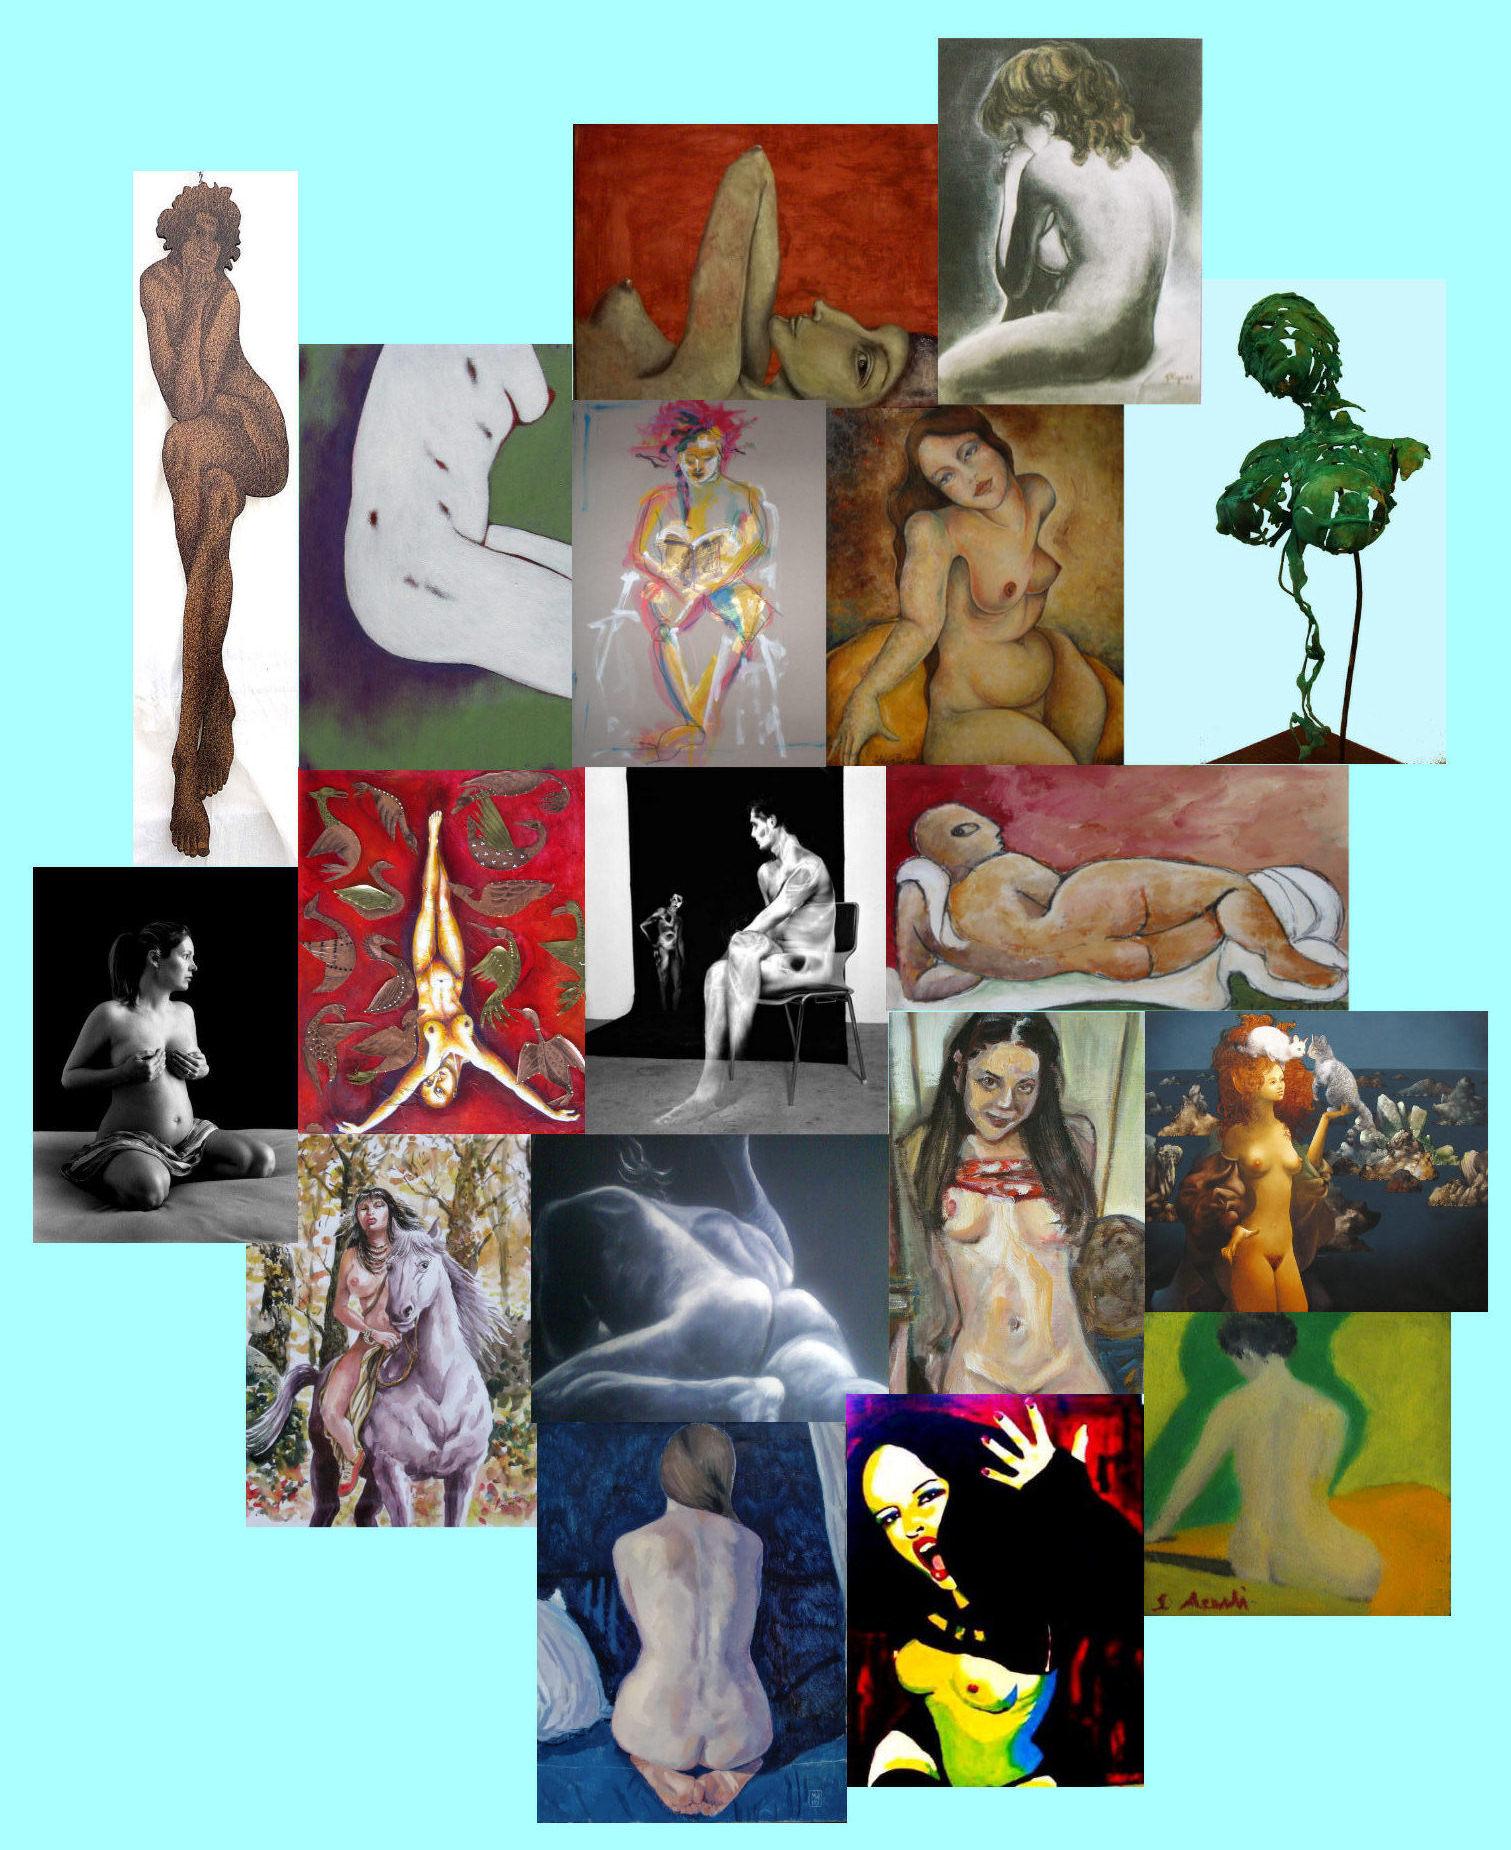 mostra nudo arte